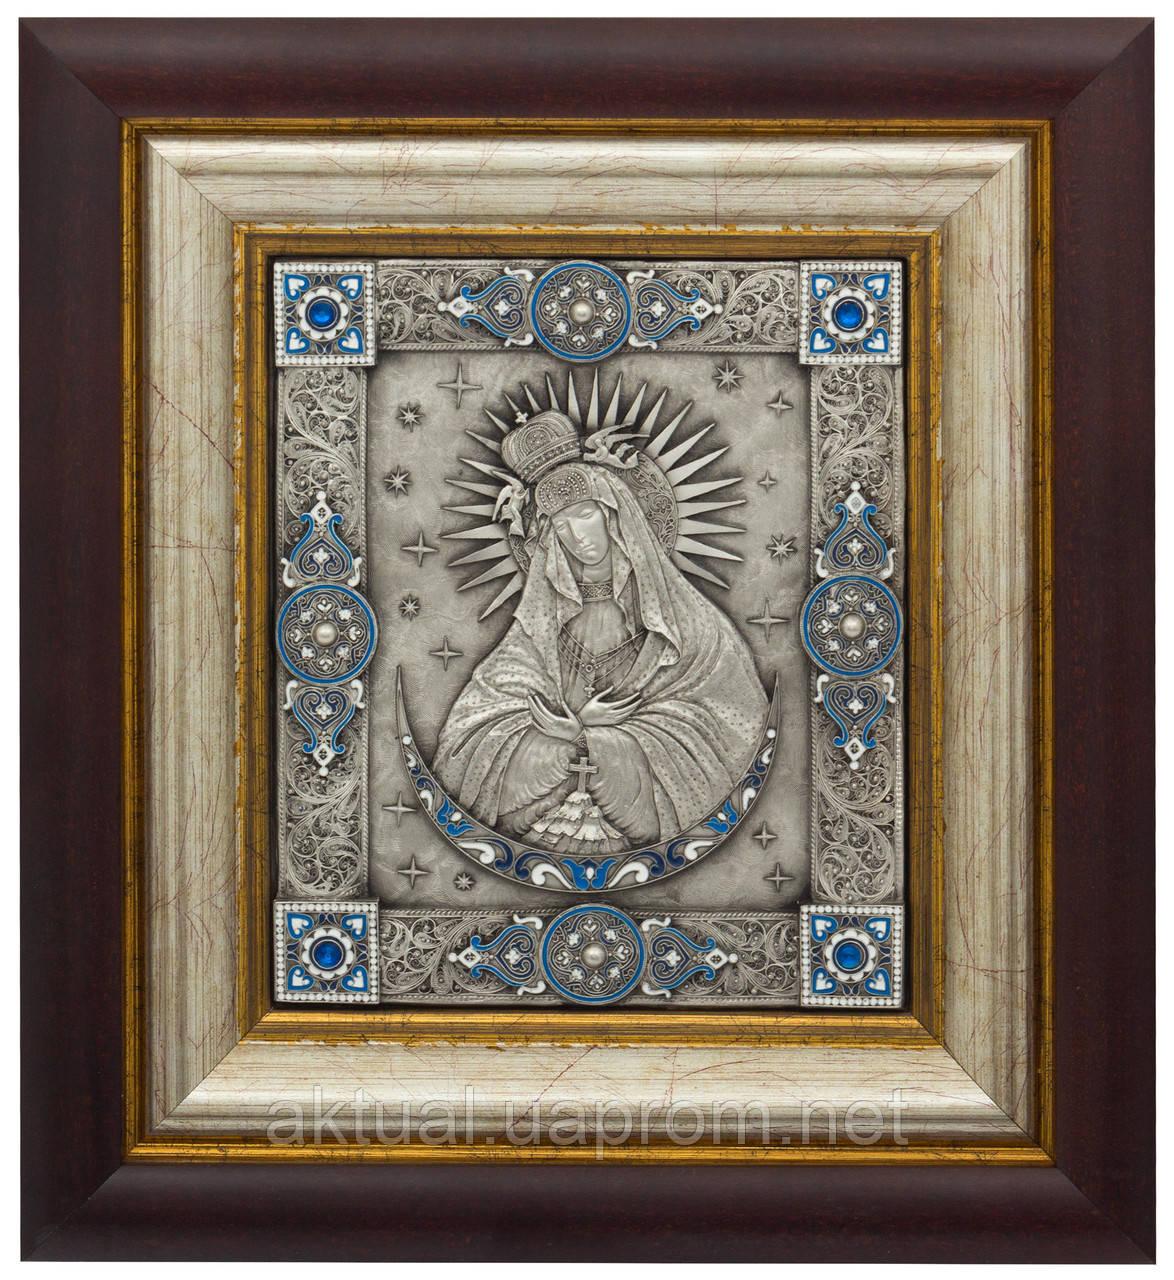 Икона Богородица Остробрамская